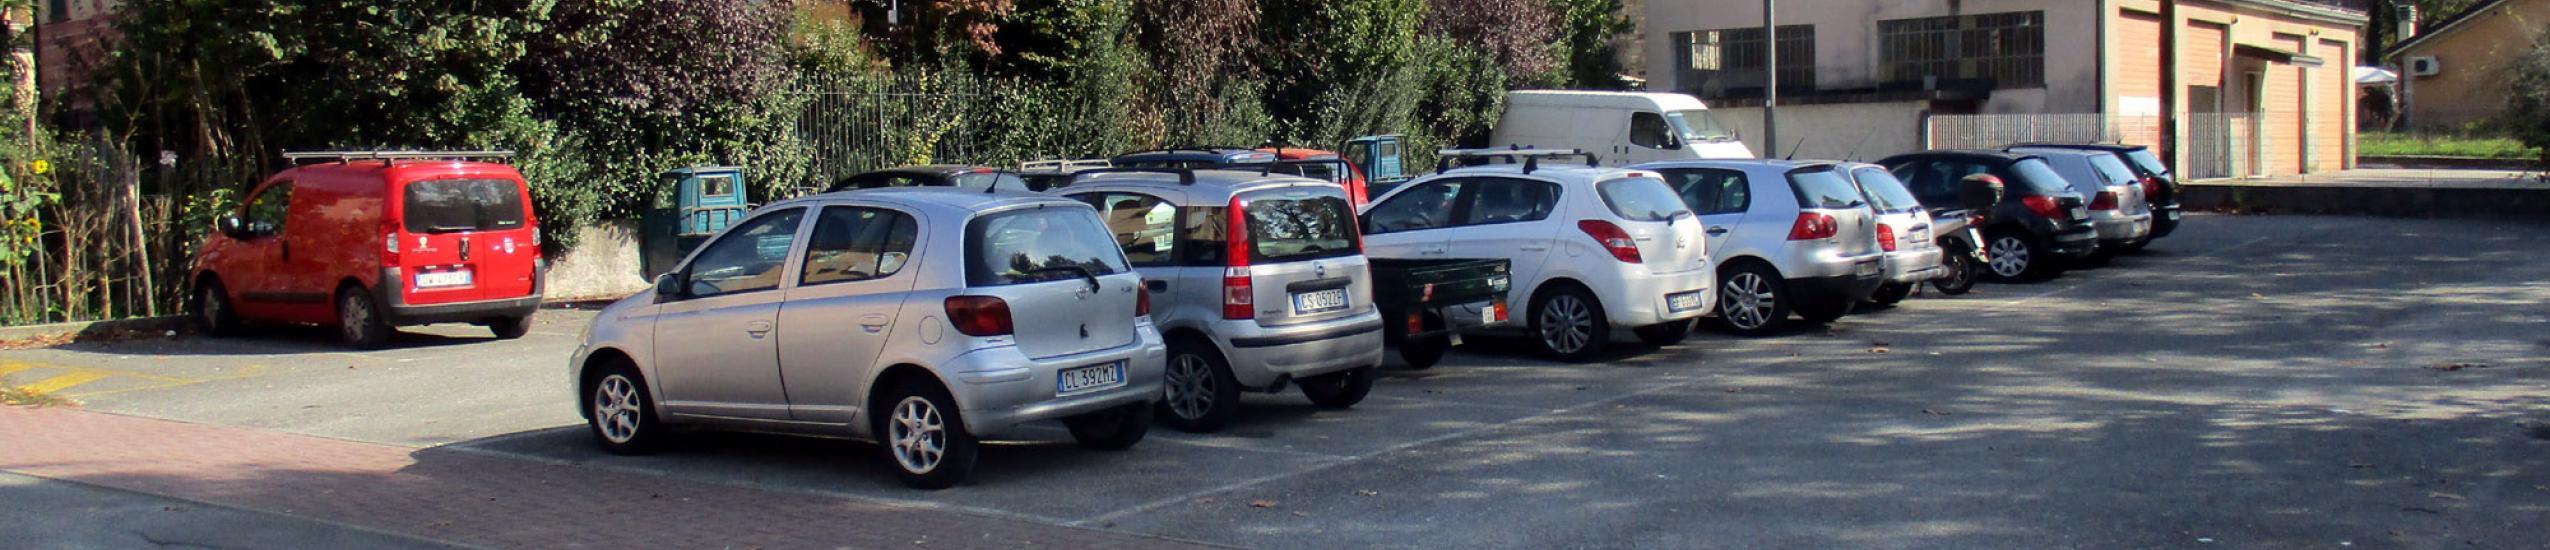 Parcheggio pubblico Ferrada